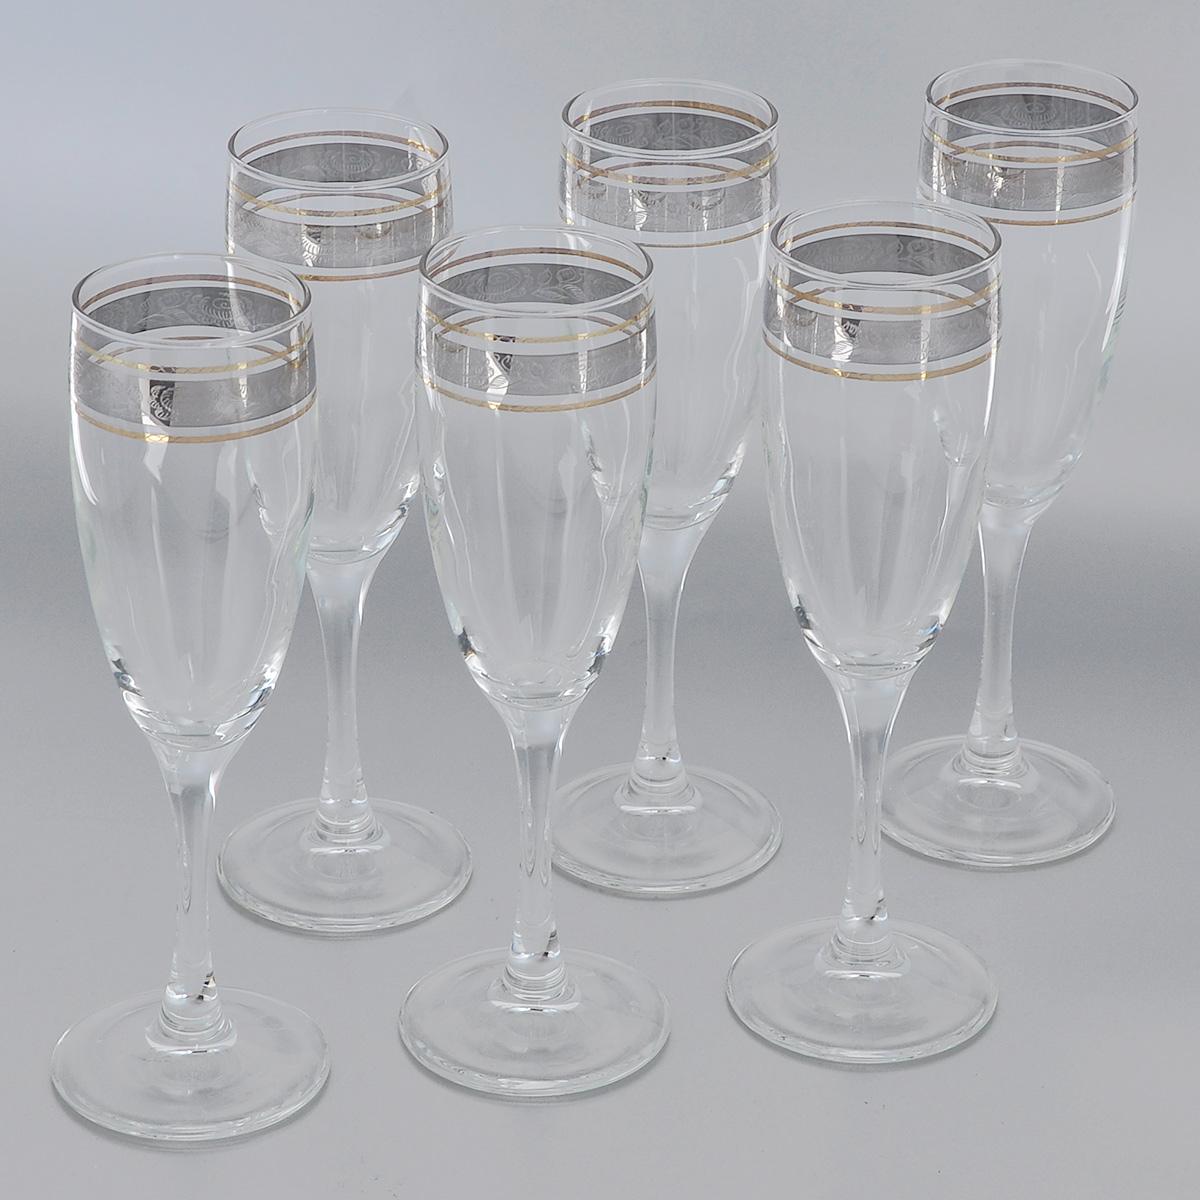 Набор бокалов Гусь-Хрустальный Первоцвет, 170 мл, 6 штVT-1520(SR)Набор Гусь-Хрустальный Первоцвет состоит из 6 бокалов на длинных тонких ножках, изготовленных из высококачественного натрий-кальций-силикатного стекла. Изделия оформлены красивым зеркальным покрытием с прозрачным орнаментом. Бокалы предназначены для шампанского или вина. Такой набор прекрасно дополнит праздничный стол и станет желанным подарком в любом доме. Разрешается мыть в посудомоечной машине. Диаметр бокала (по верхнему краю): 5 см. Высота бокала: 20 см.